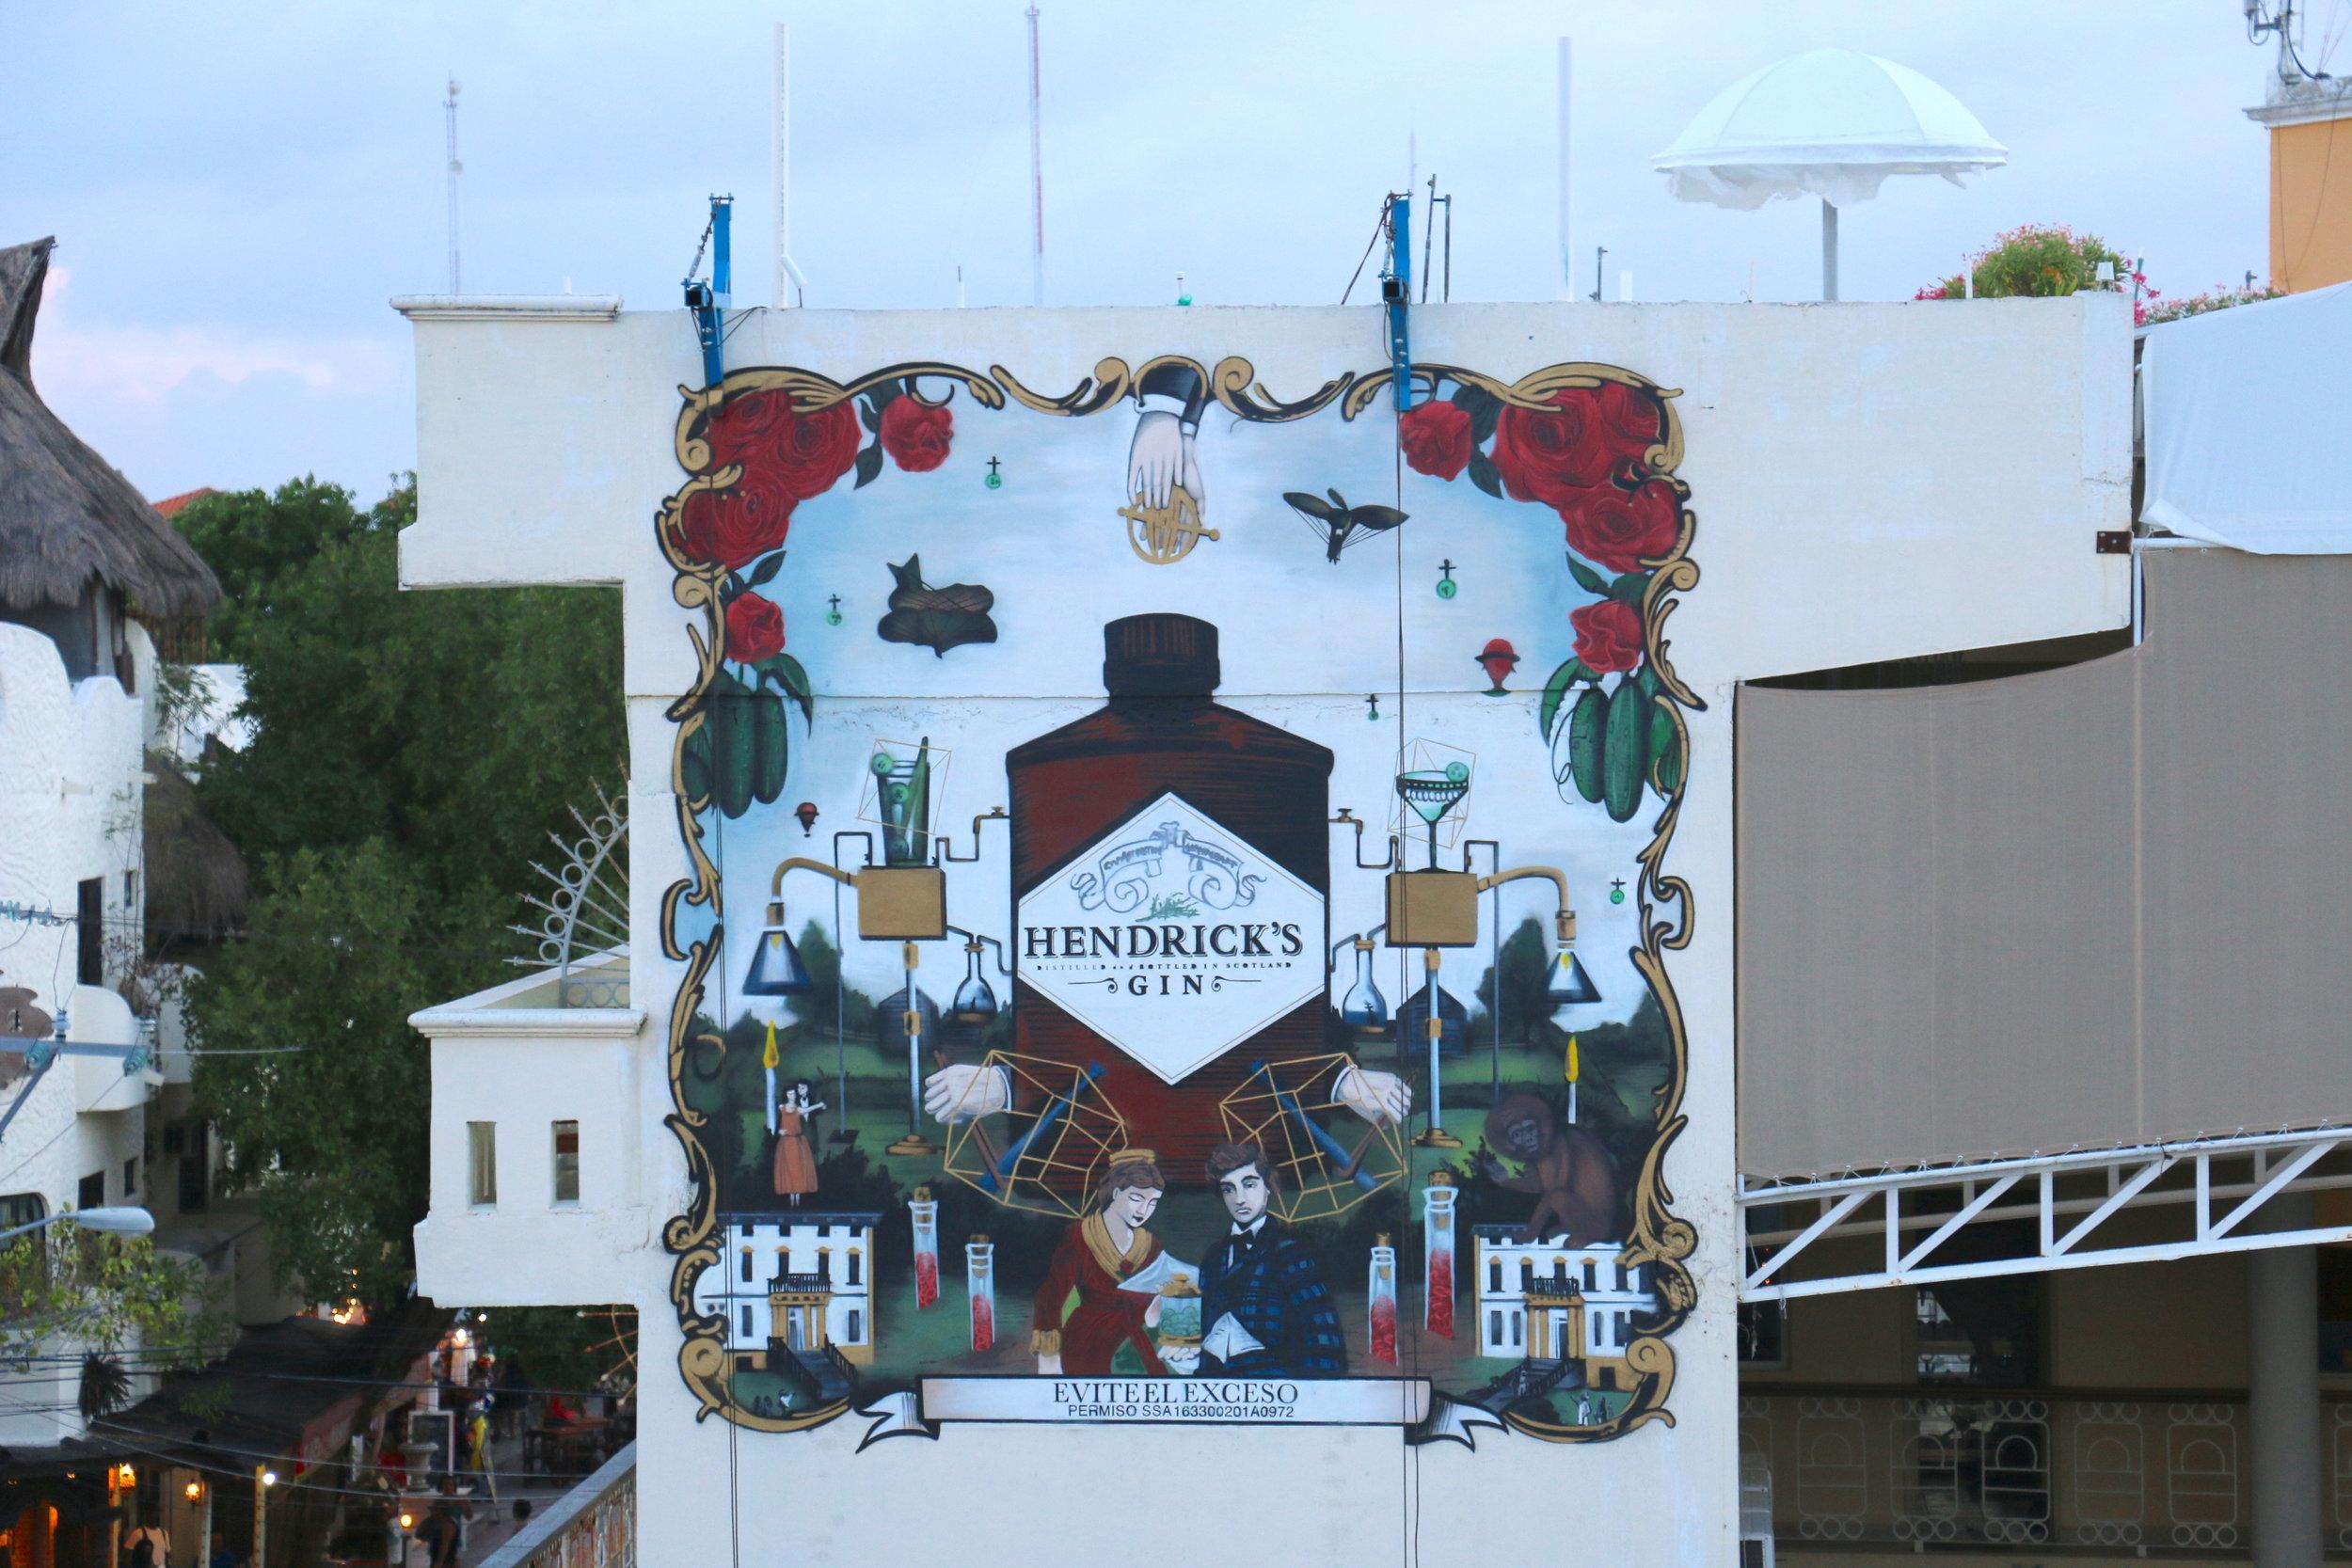 Colorful mural art in Playa del Carmen